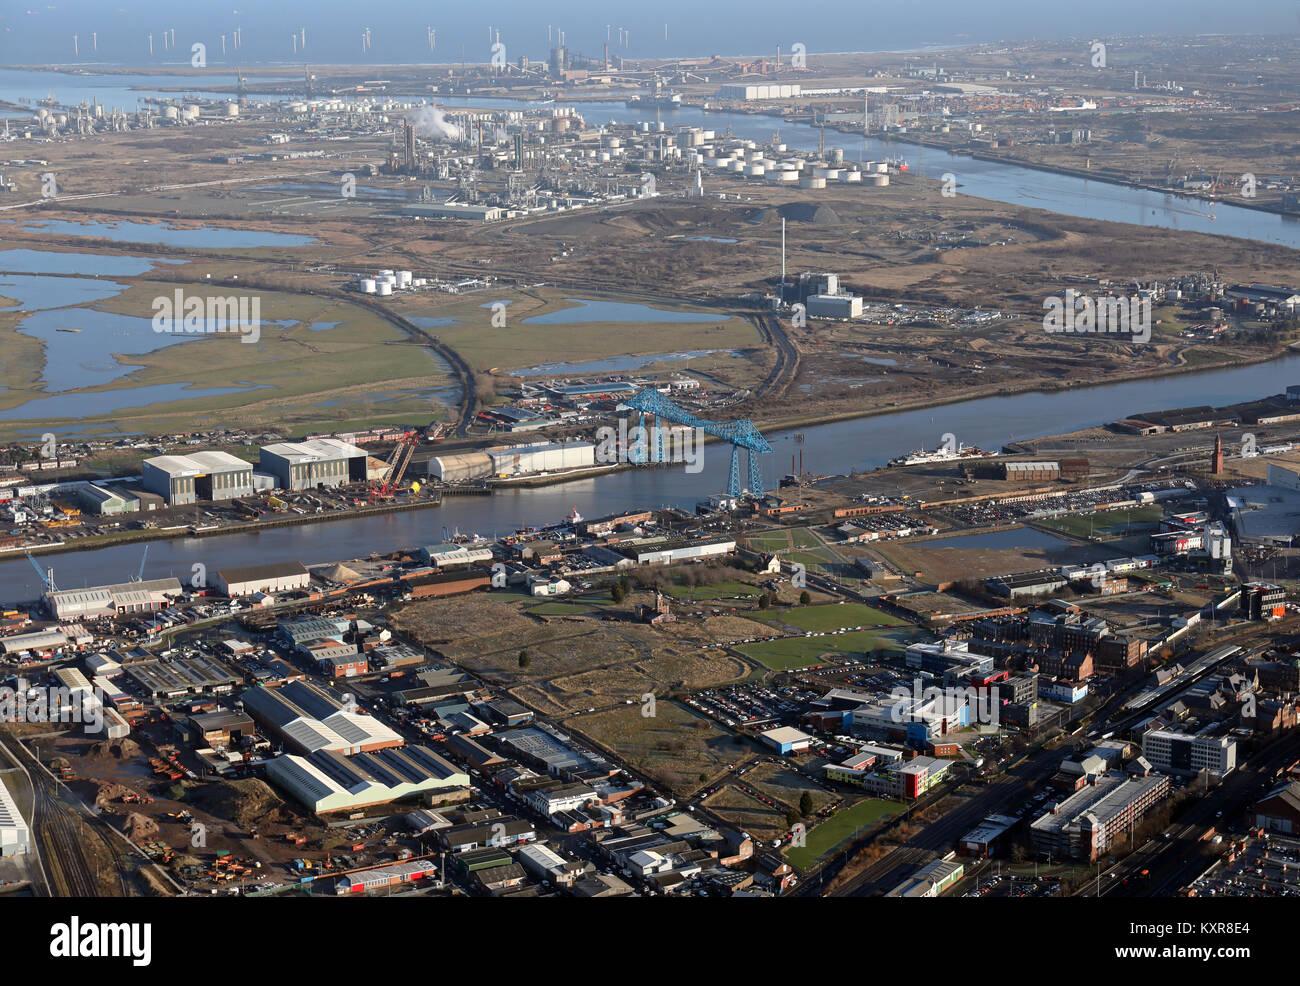 Vue aérienne de la Transporter Bridge & Teesside industrie sur le fleuve Tees, UK Photo Stock